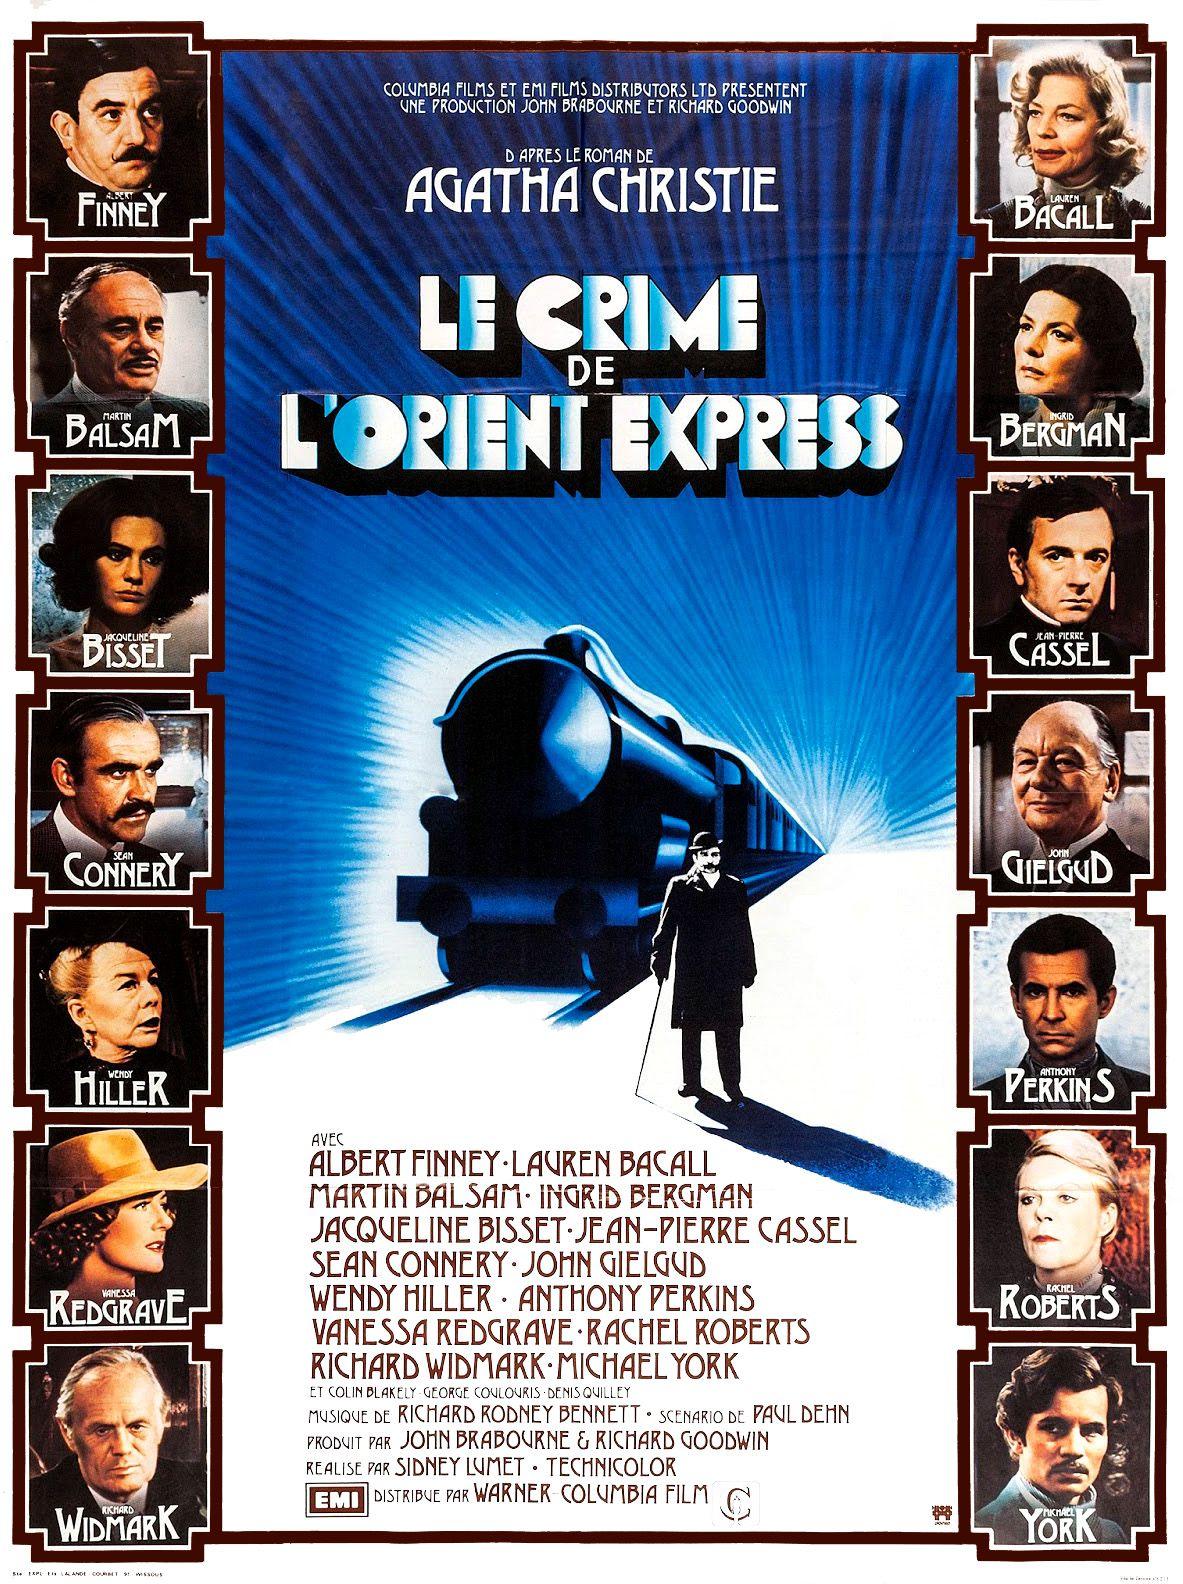 Le Crime de l'Orient Express (1974) affiche